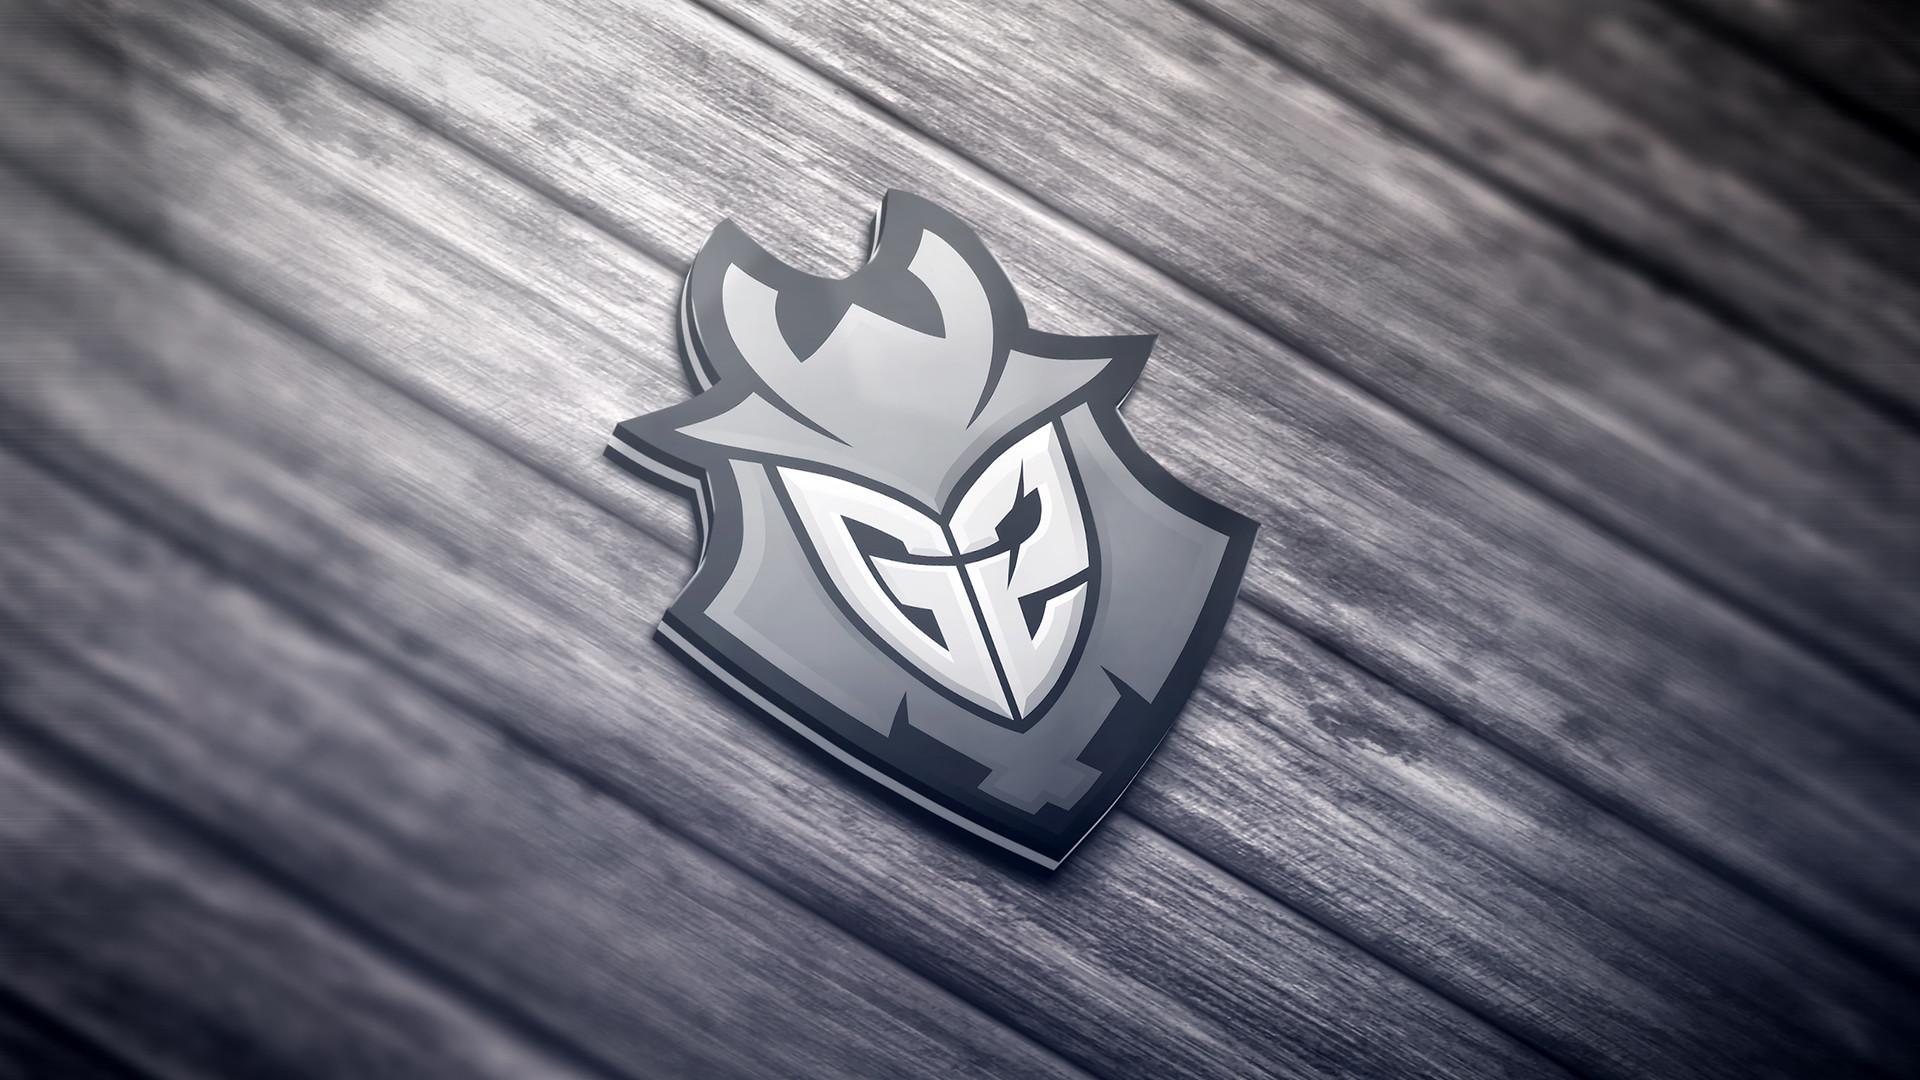 G2 Esports 3D Wallpaper